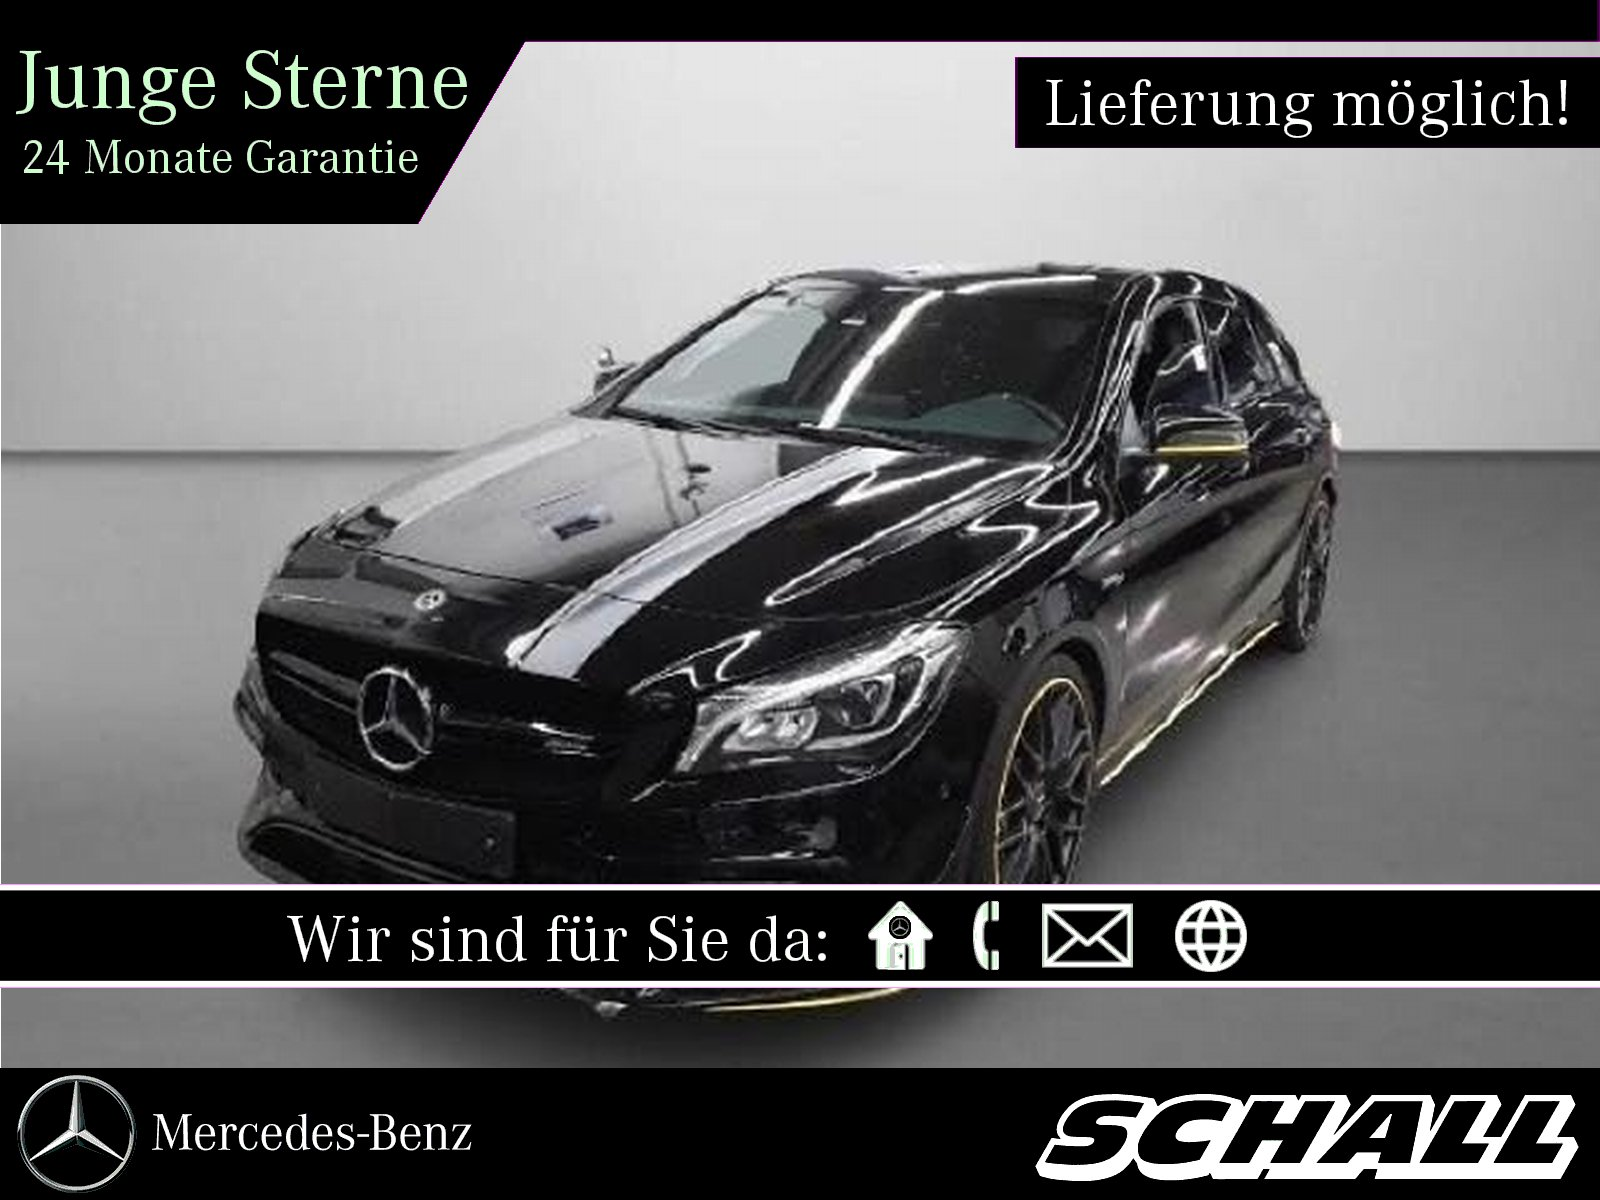 Mercedes-Benz CLA 45 AMG 4M SB PERF.SITZE+AERODYN.+PERF.ABGAS, Jahr 2017, Benzin